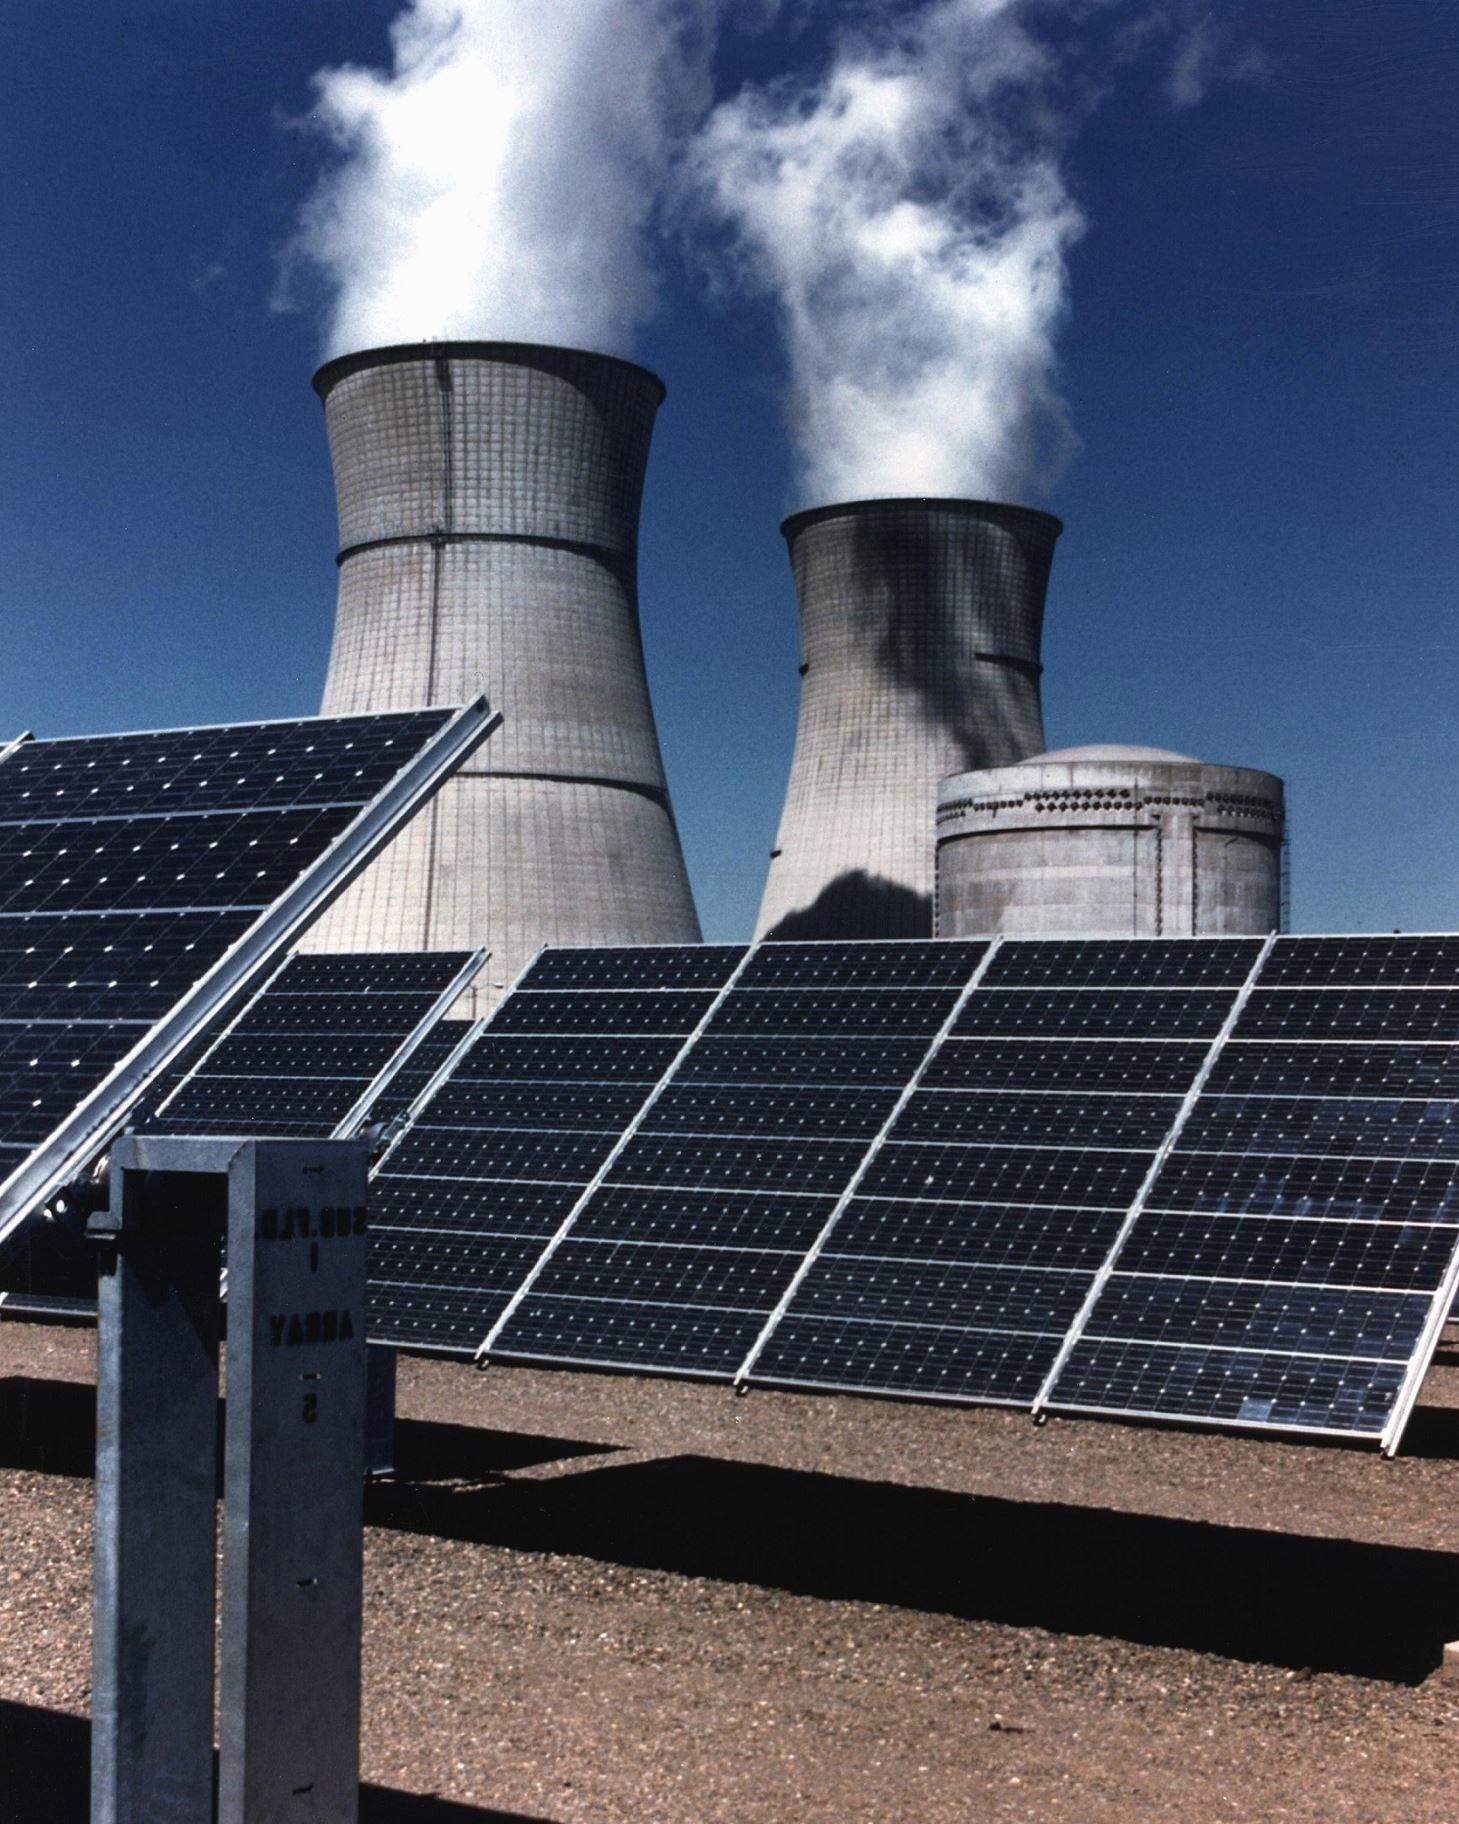 Solar Energy Panels Savetheplanet Solar Energy Panels Renewable Solar Solar Panels